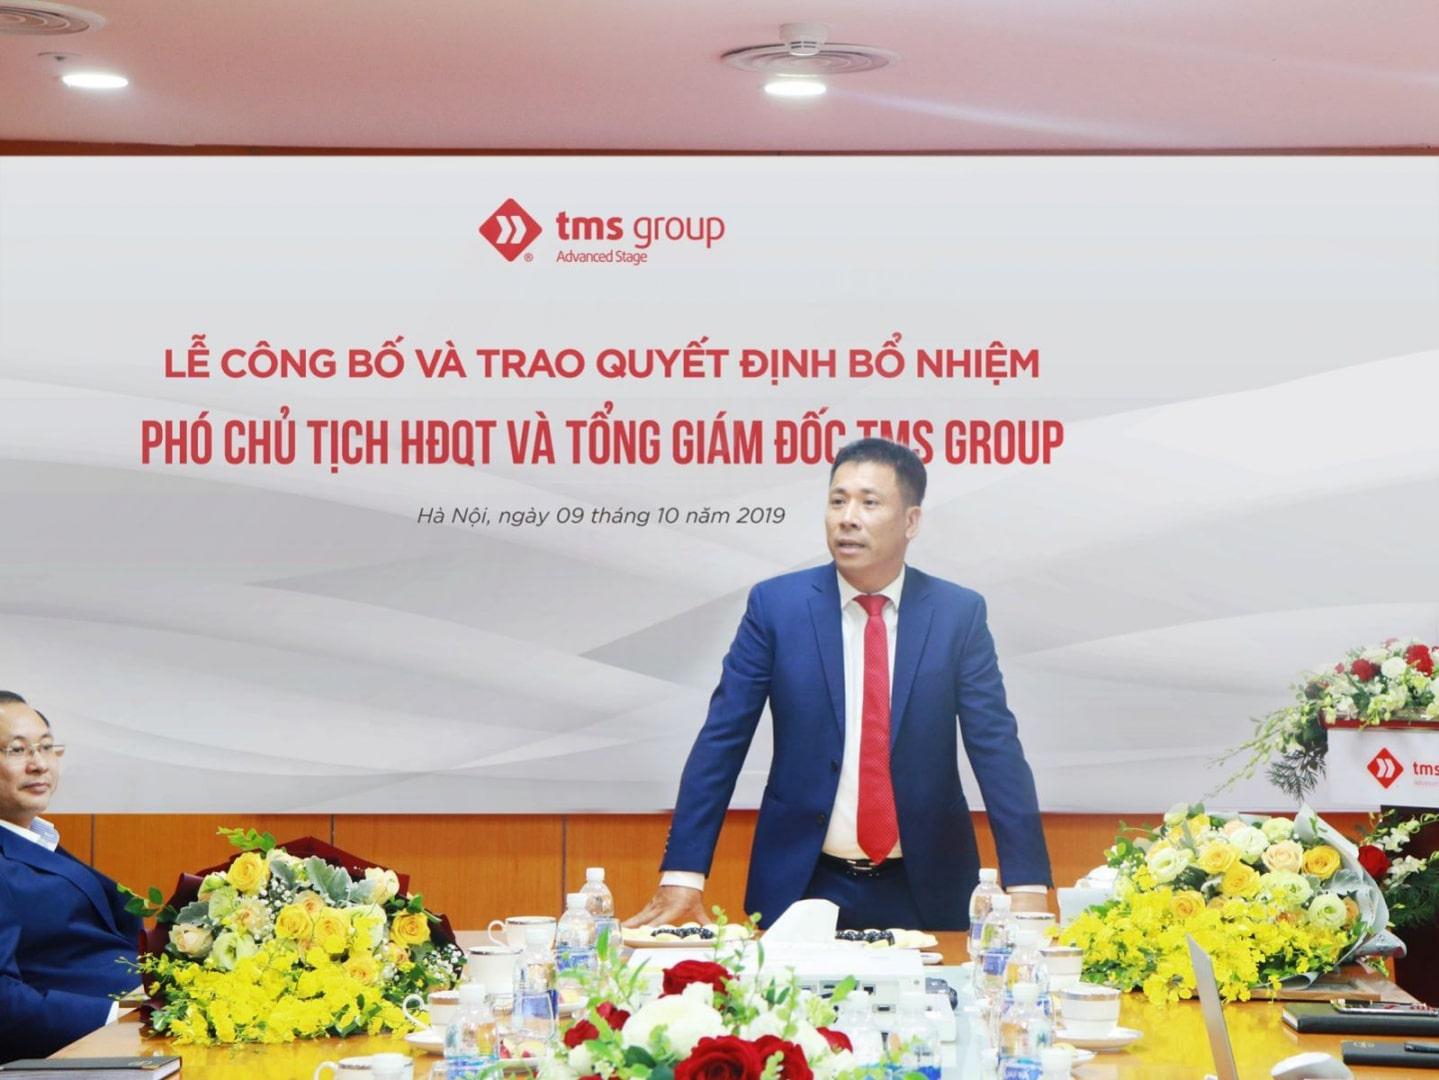 TMS Group bổ nhiệm lãnh đạo cấp cao